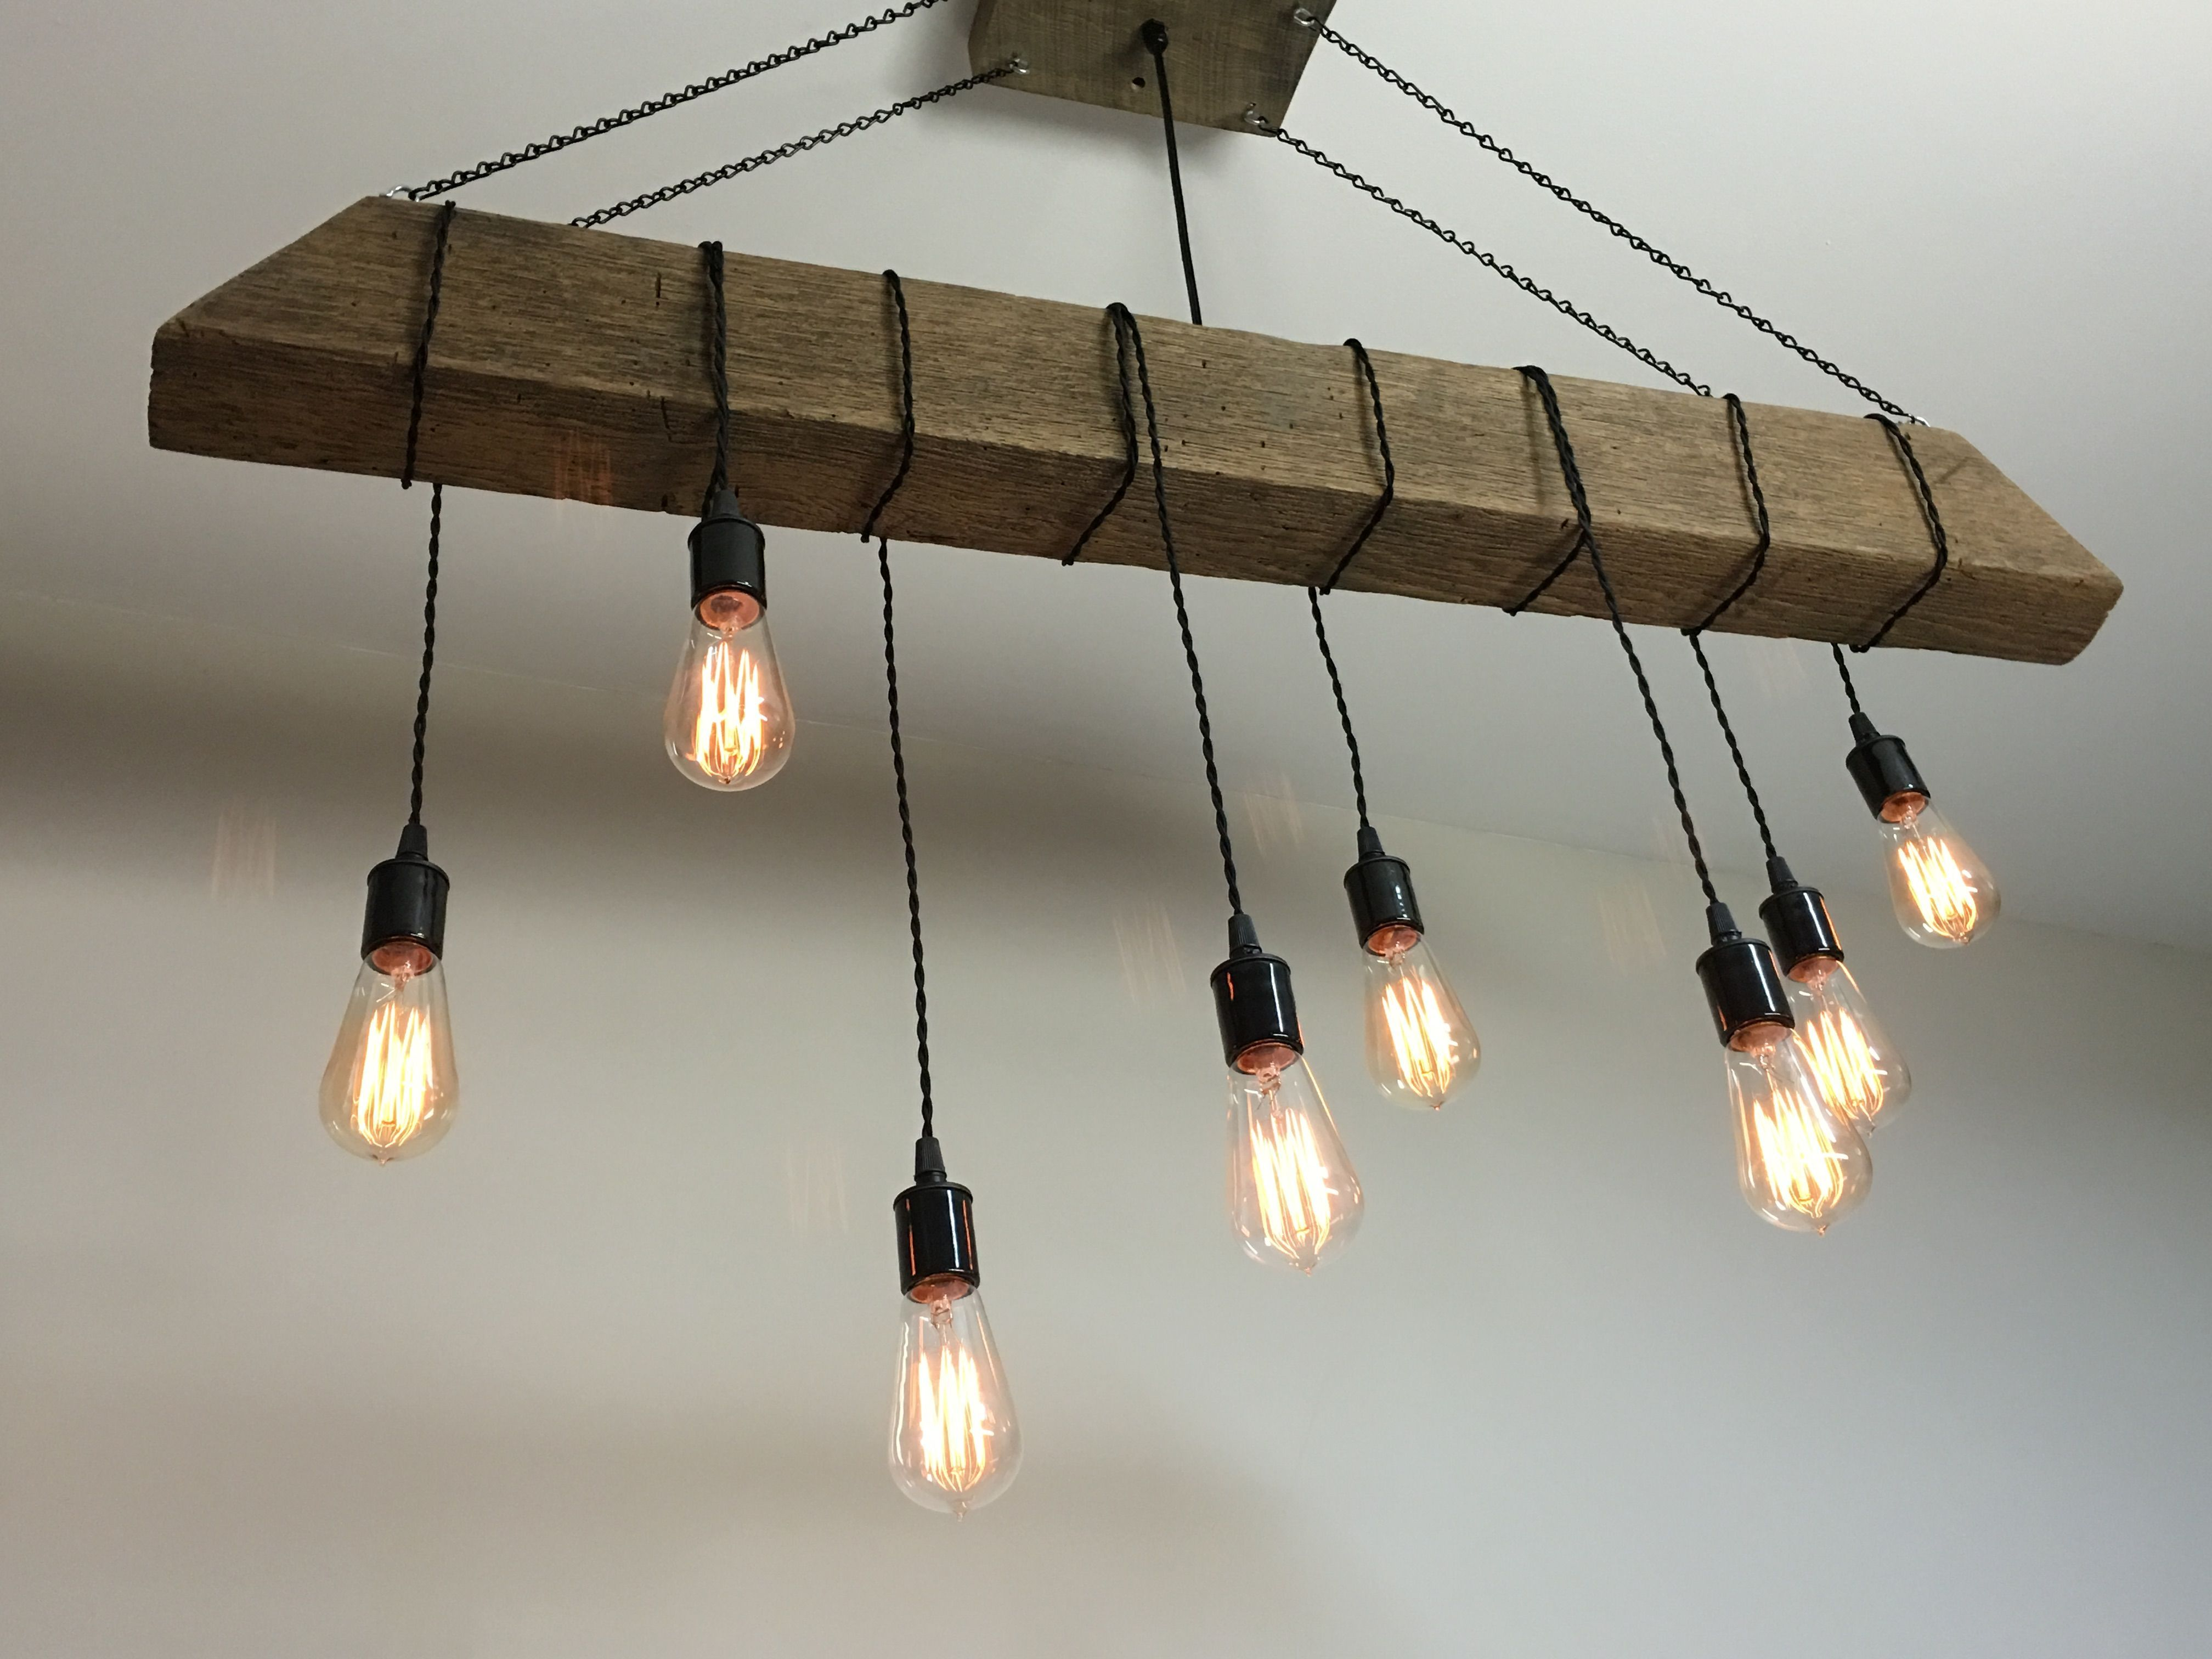 reclaimed lighting fixtures. Custom Made Reclaimed Barn Beam Light Fixture/Bar/Restaurant /Home. Edison Bulb Lighting Fixtures Pinterest